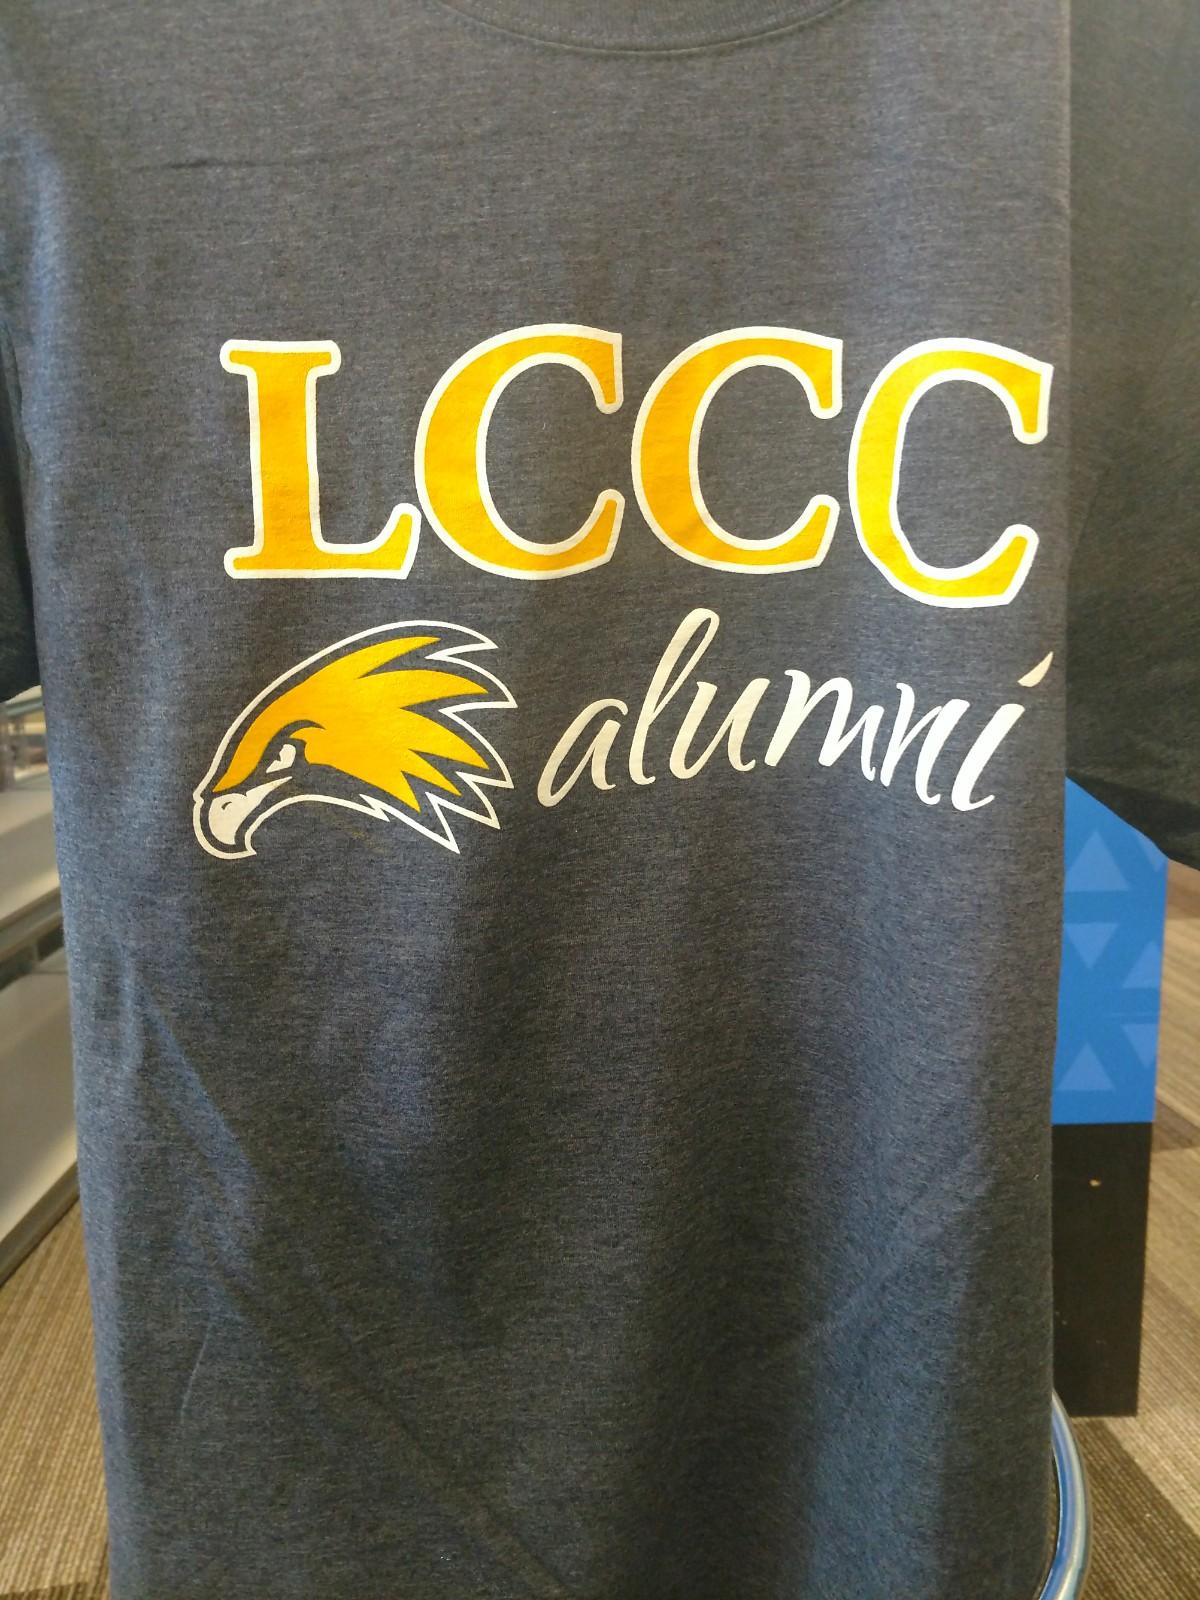 LCCC Alumni Tee